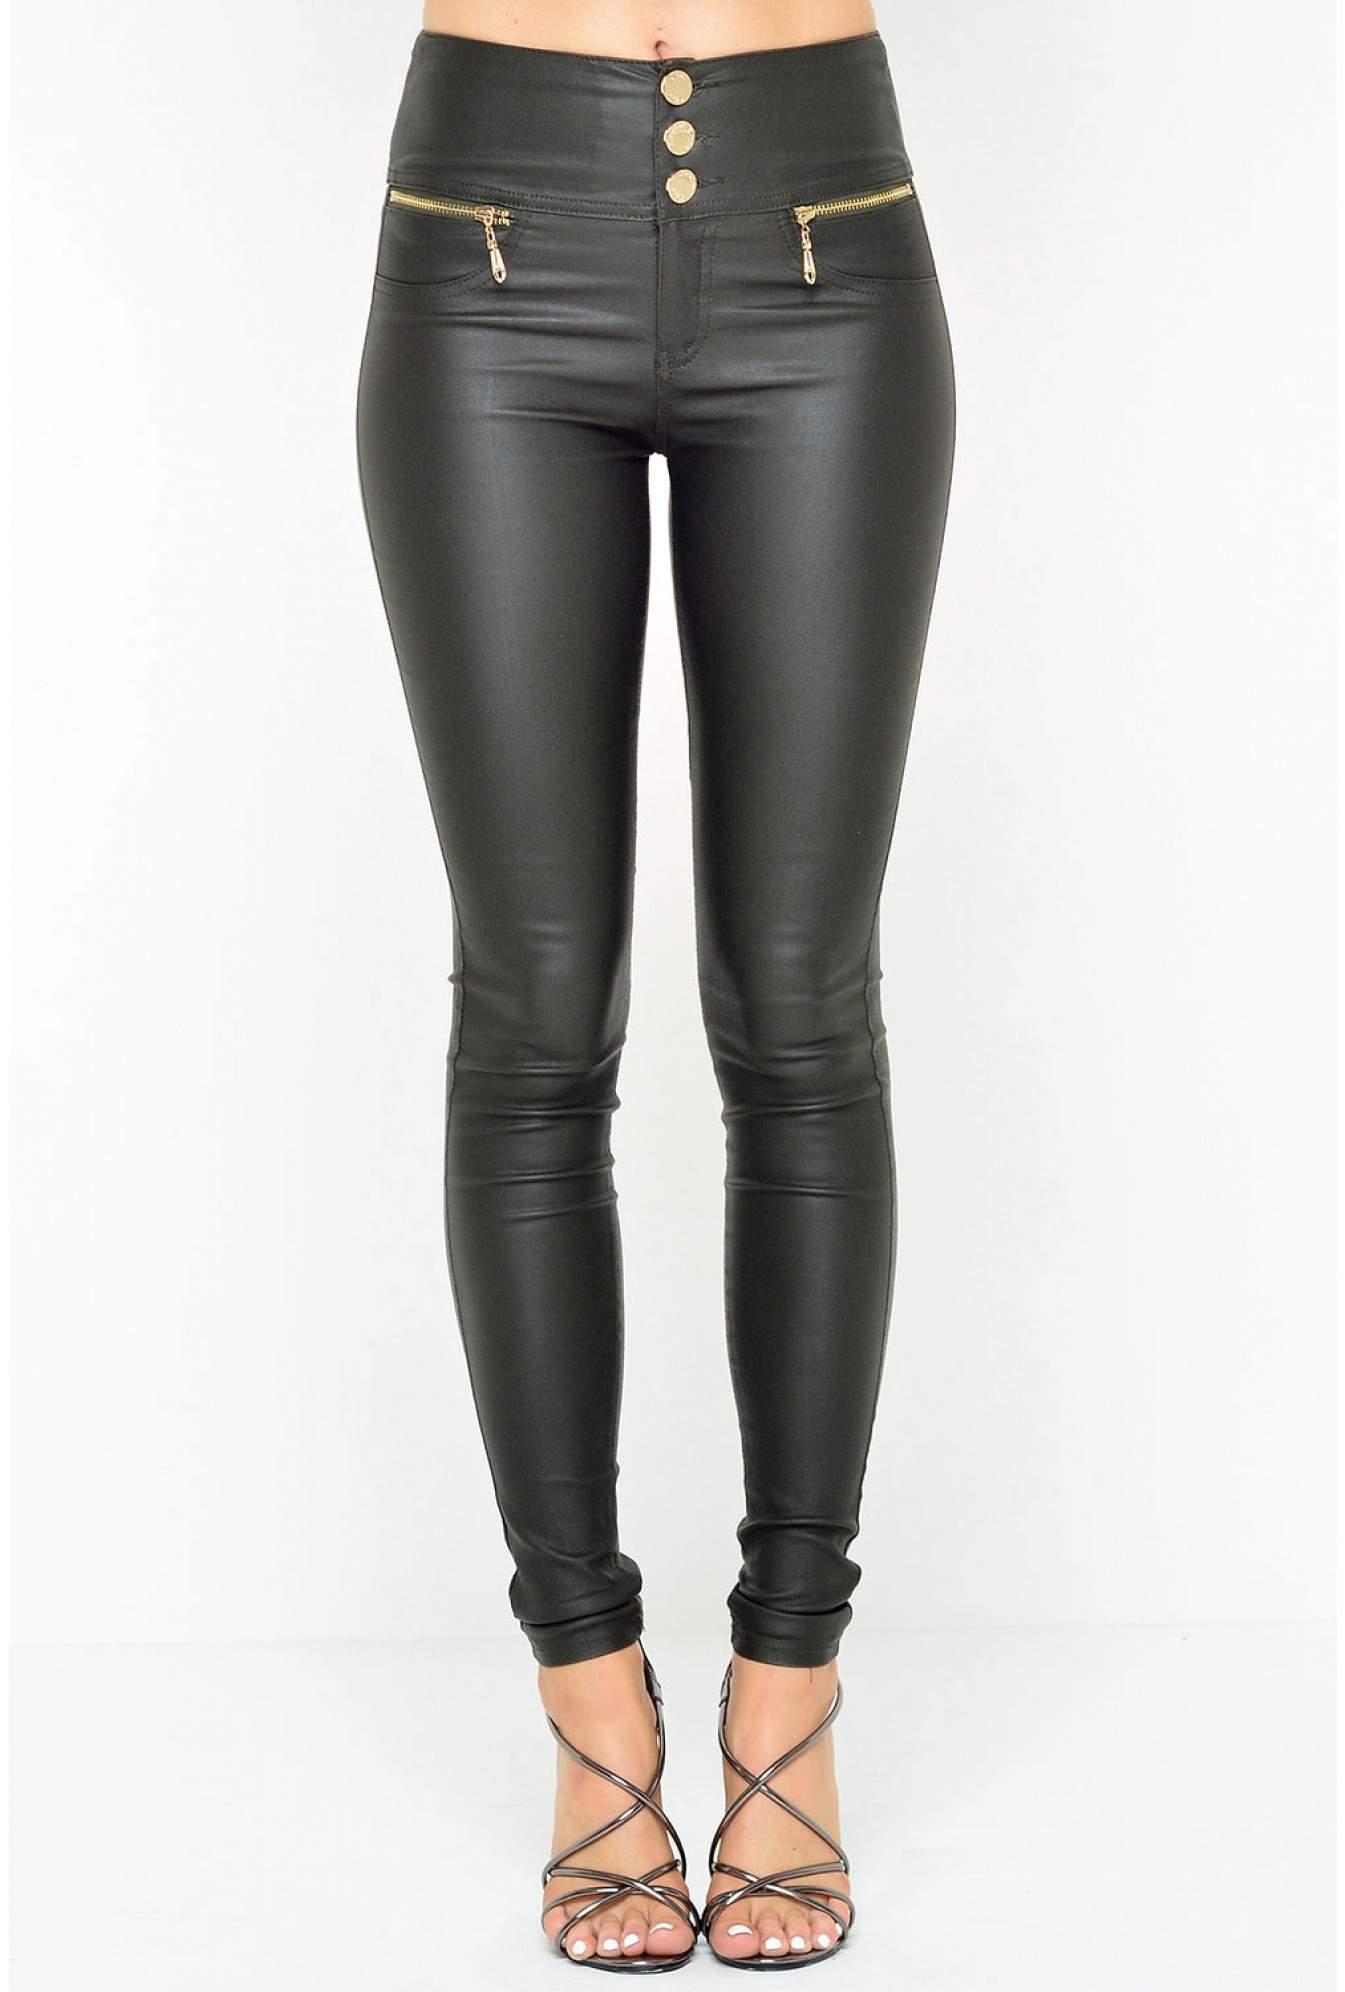 ba375de668256 More Views. Paris High Waisted Wax Look Trousers in Khaki. Denim Club